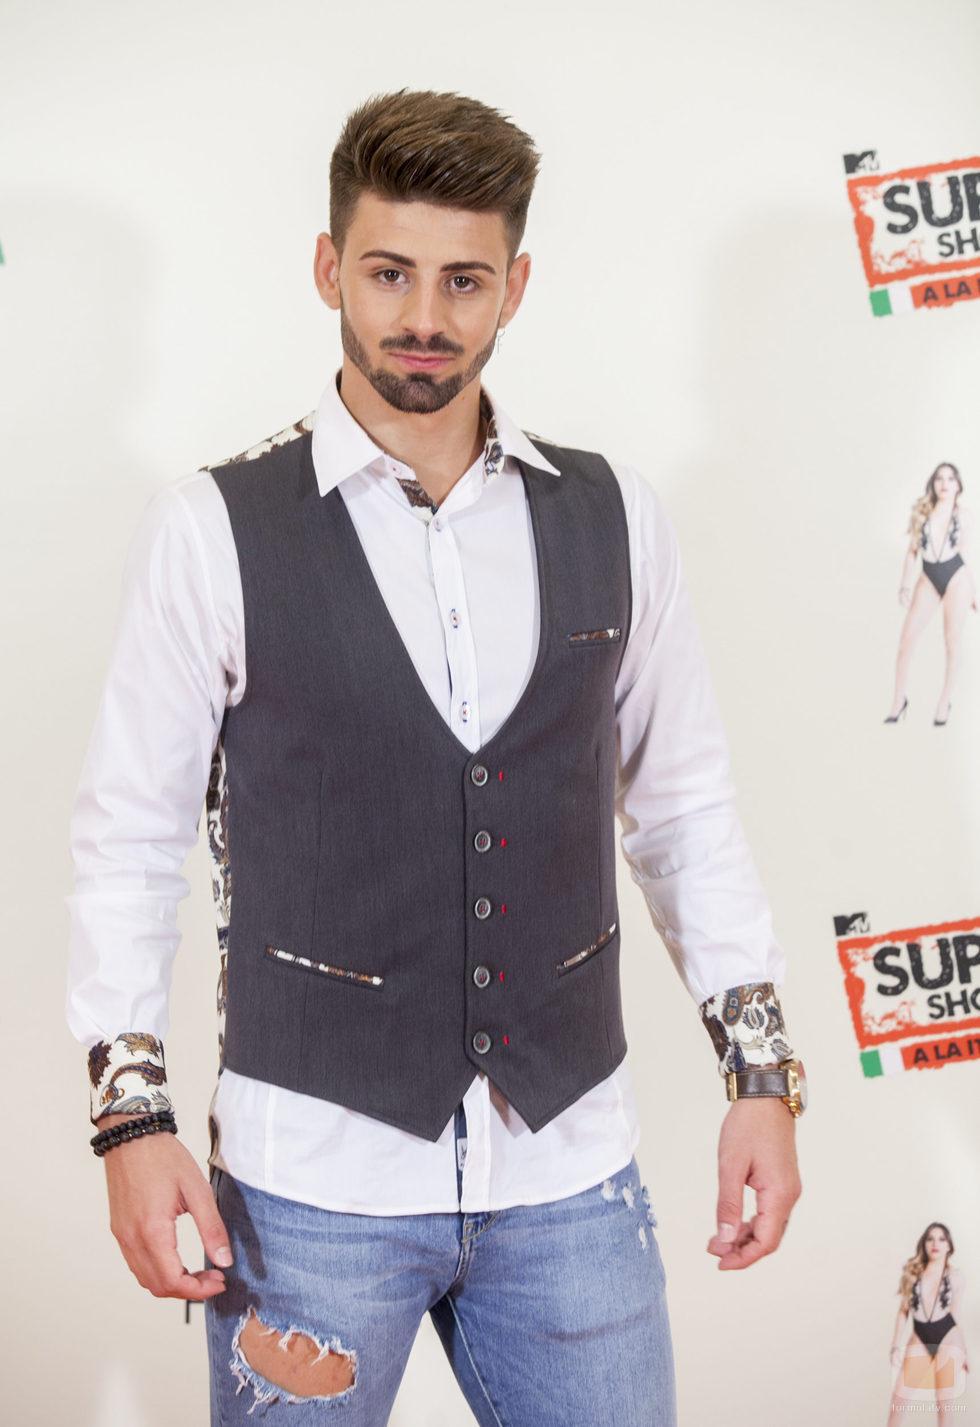 Isaac, participante de 'MTV Super Shore 3', en el photocall  del FesTVal